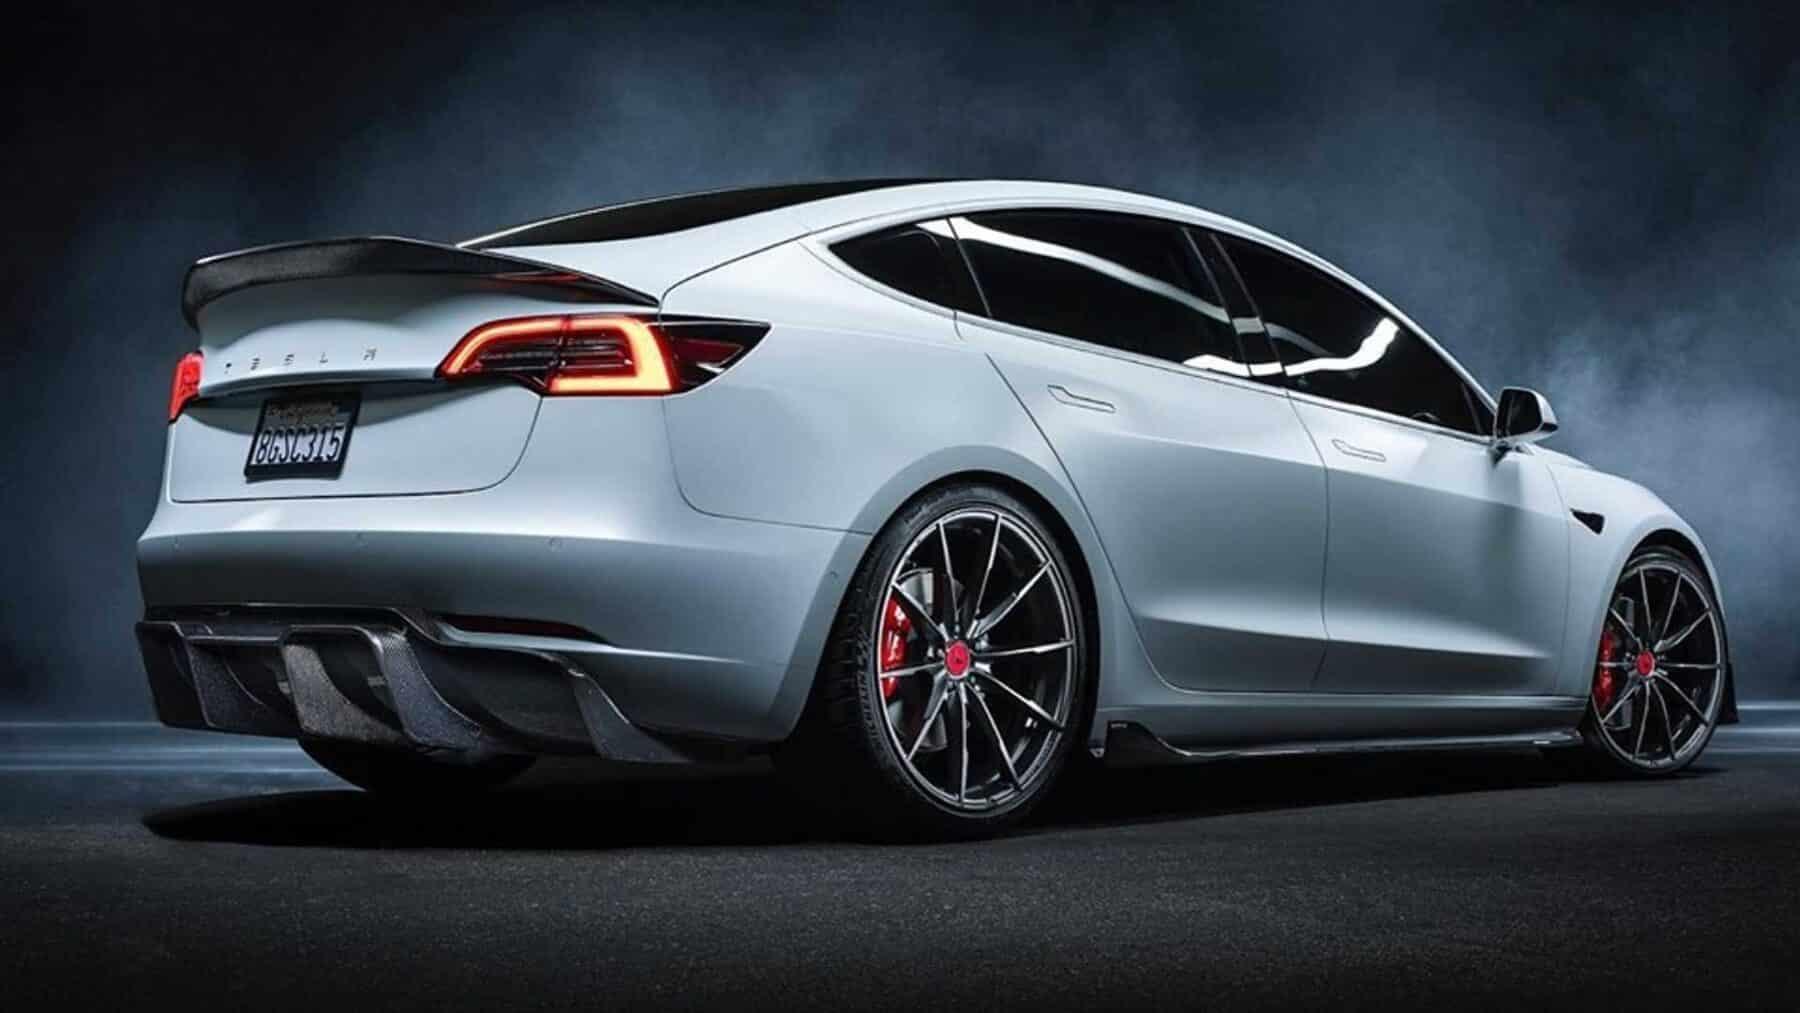 Lo último De Vorsteiner Es Este Salvaje Tesla Model 3 Rico